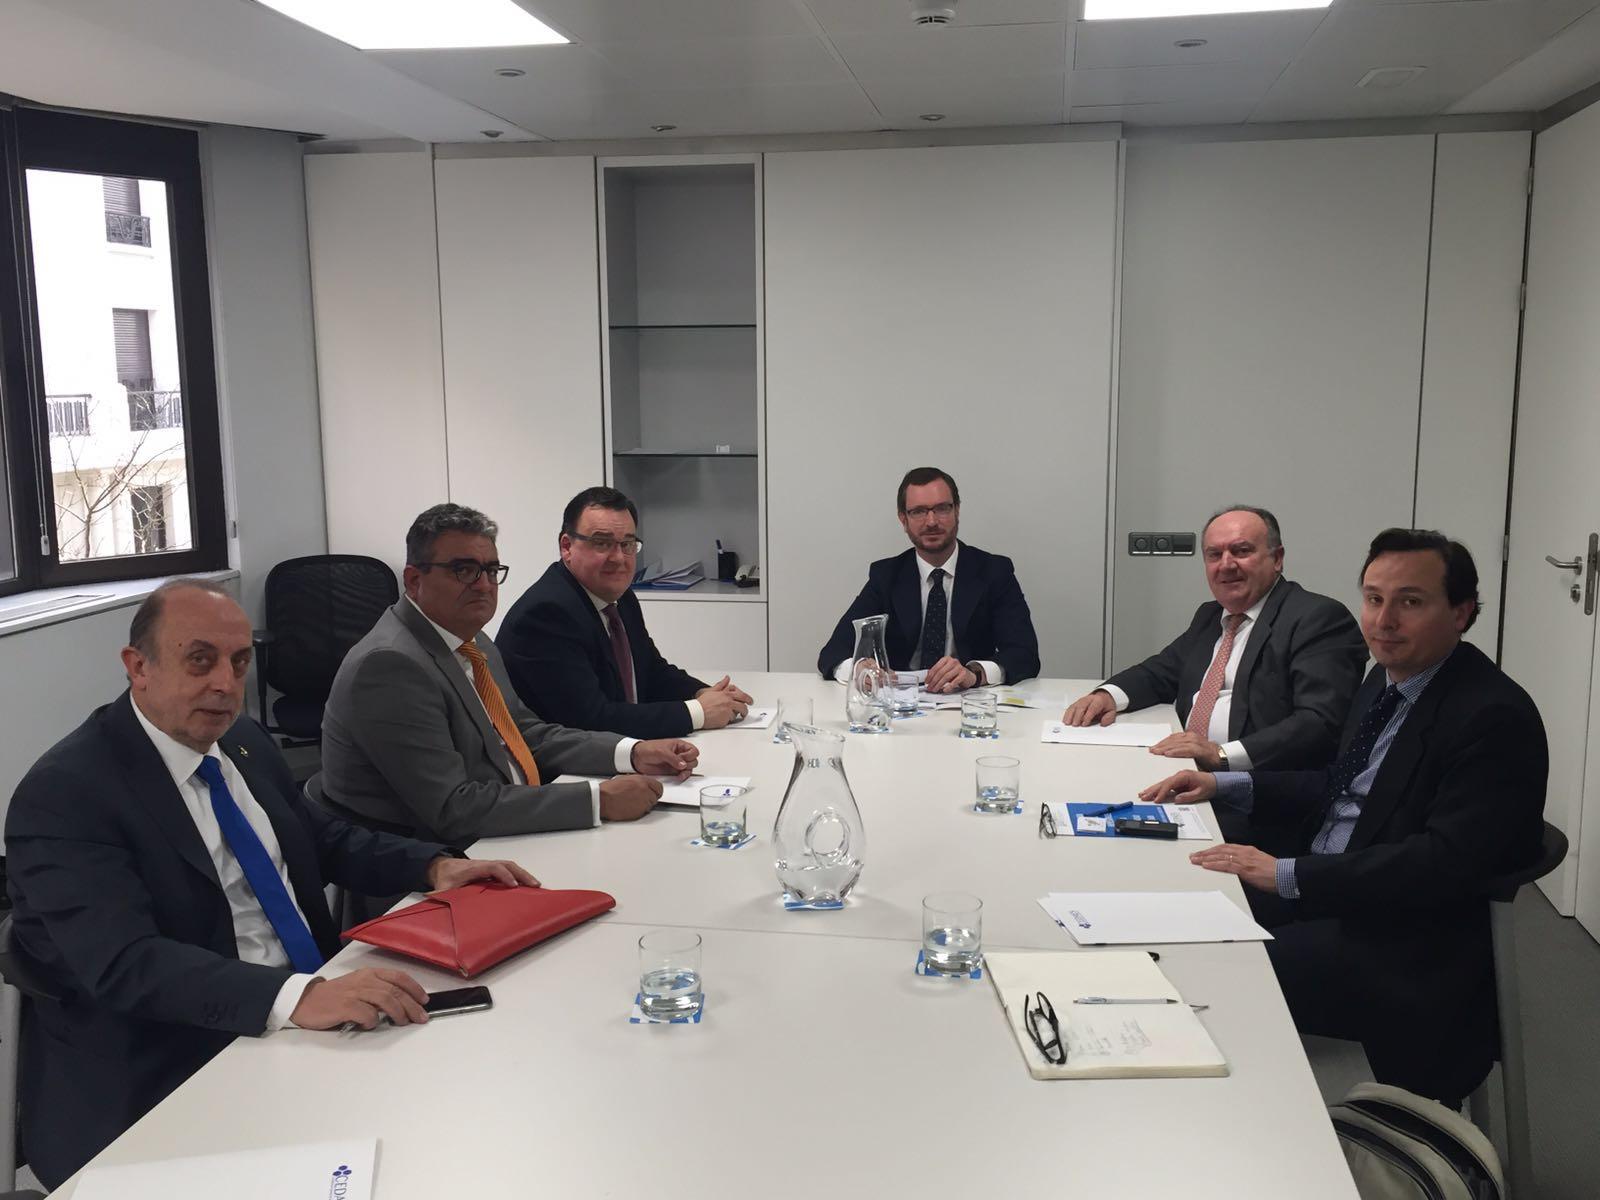 CEDAES se reúne con Javier Maroto, Vicesecretario General de Acción Social del Partido Popular.